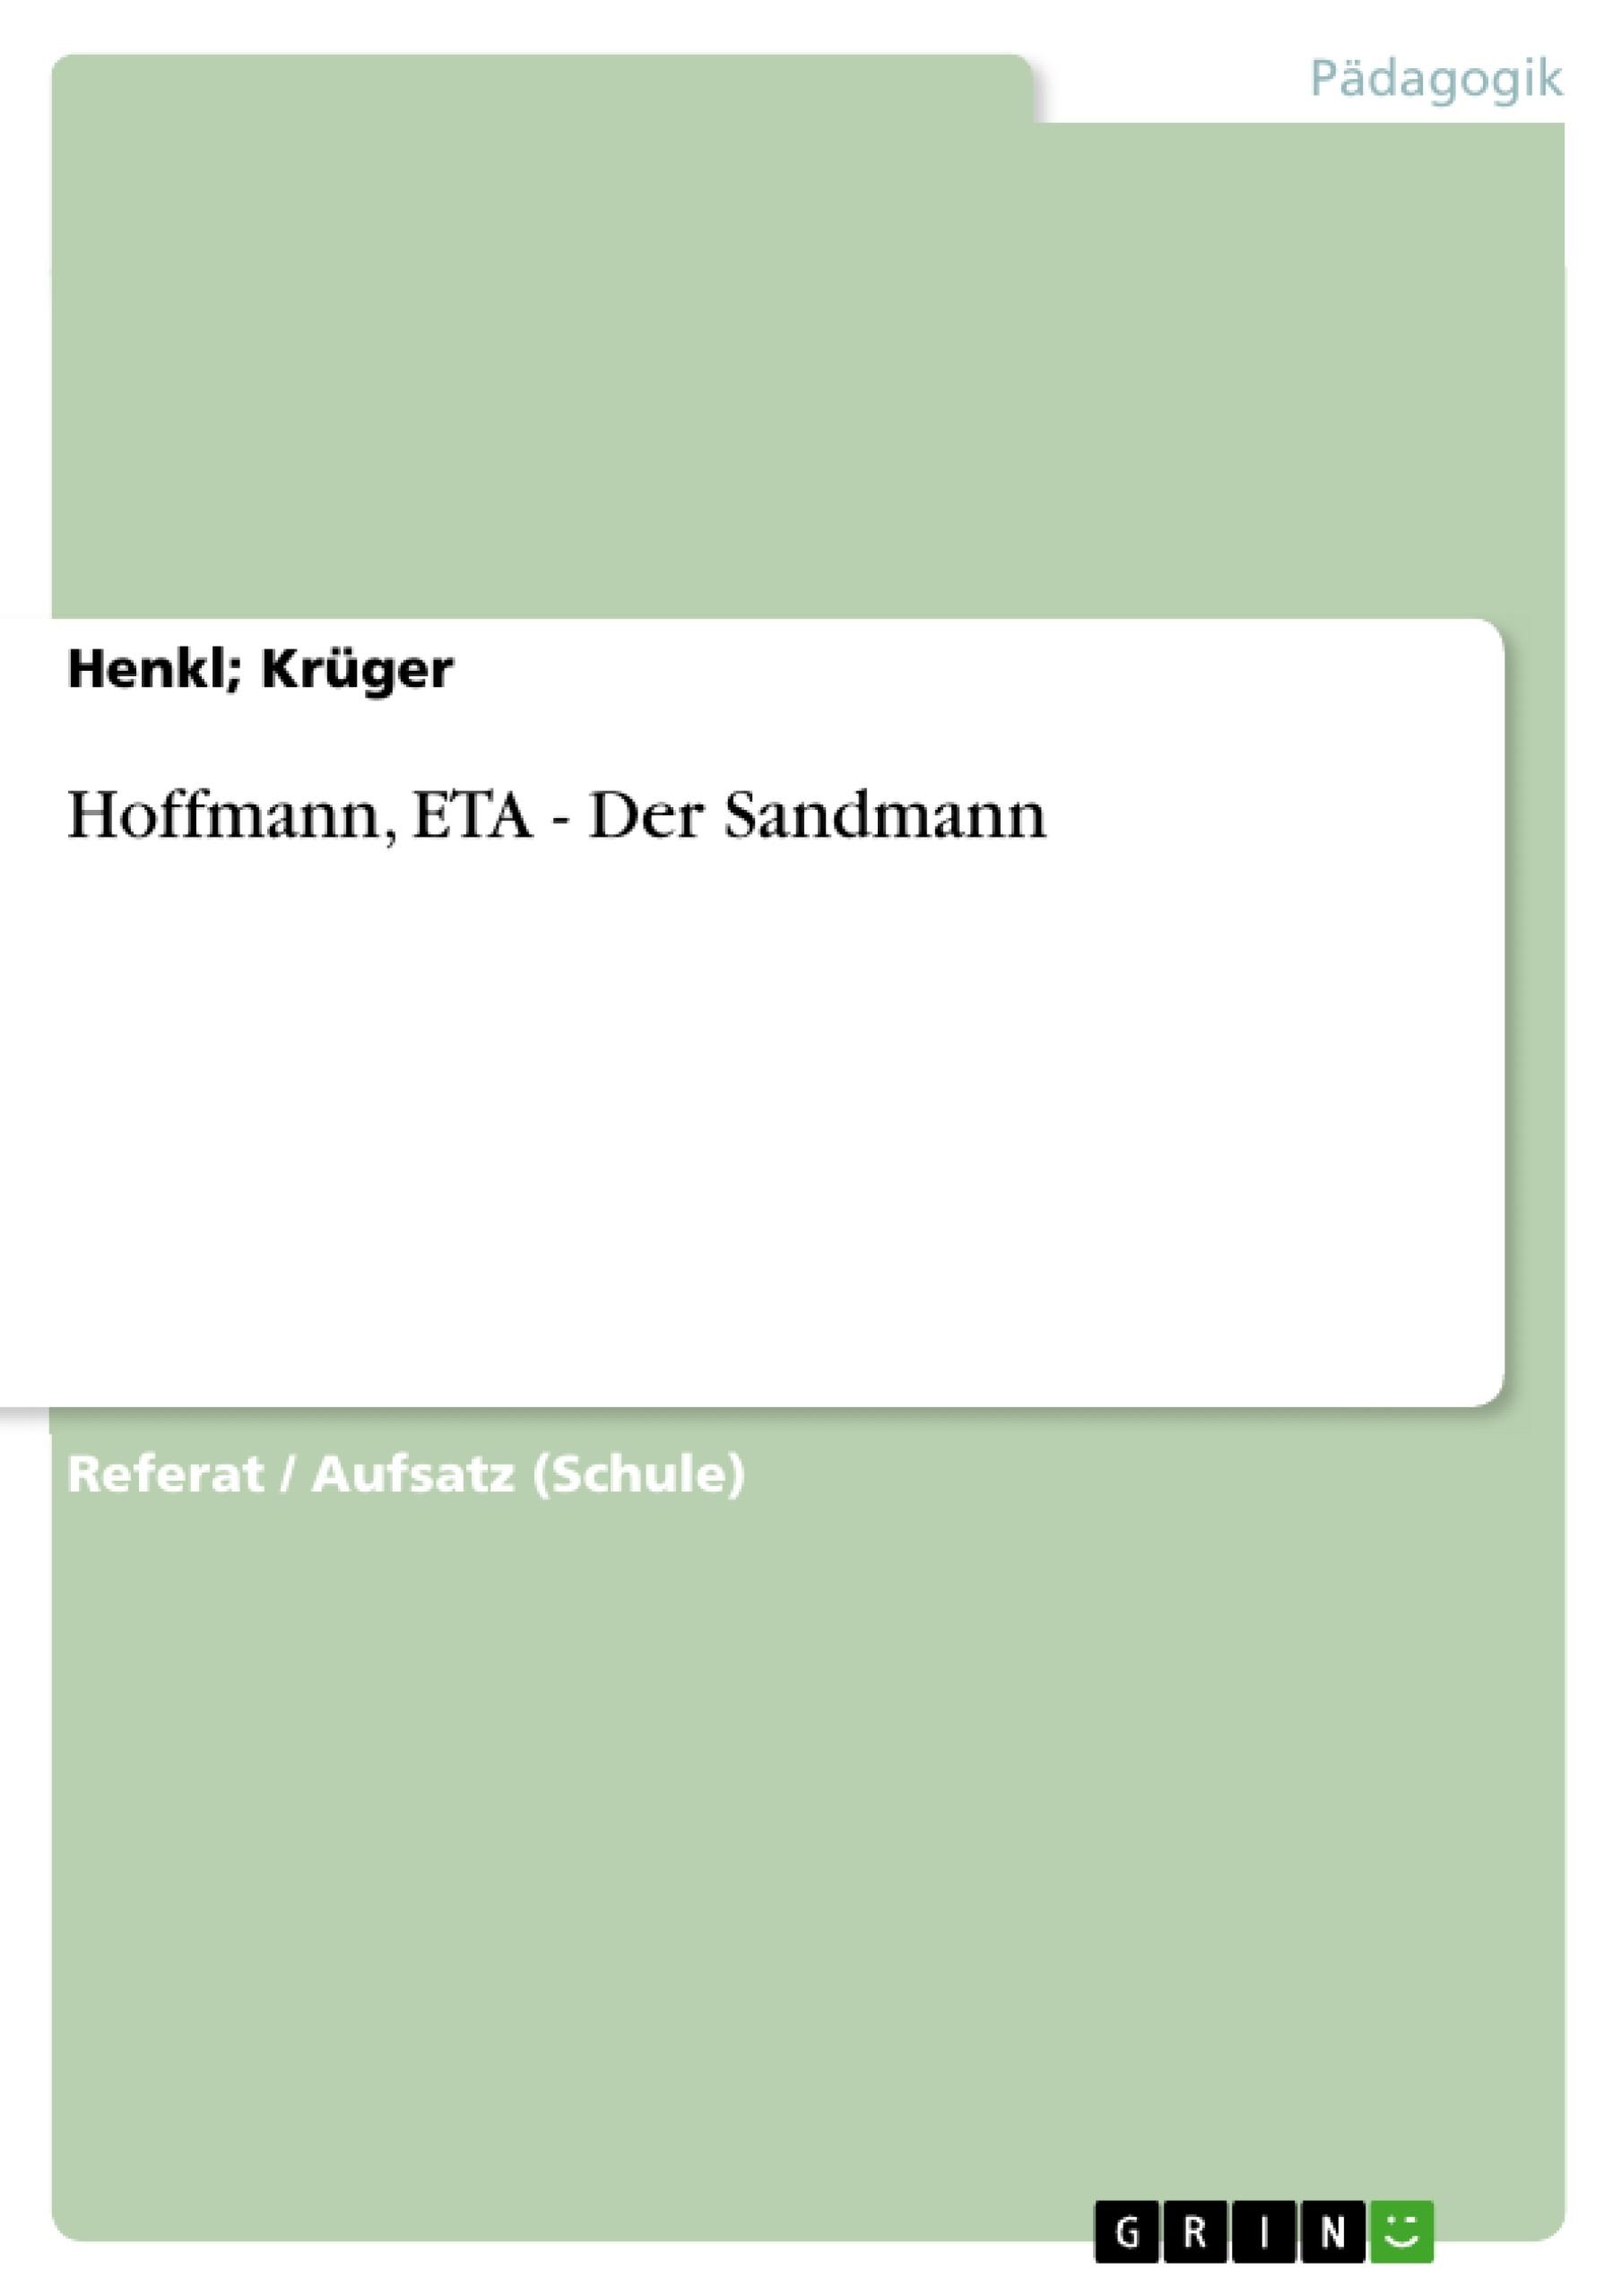 Titel: Hoffmann, ETA - Der Sandmann